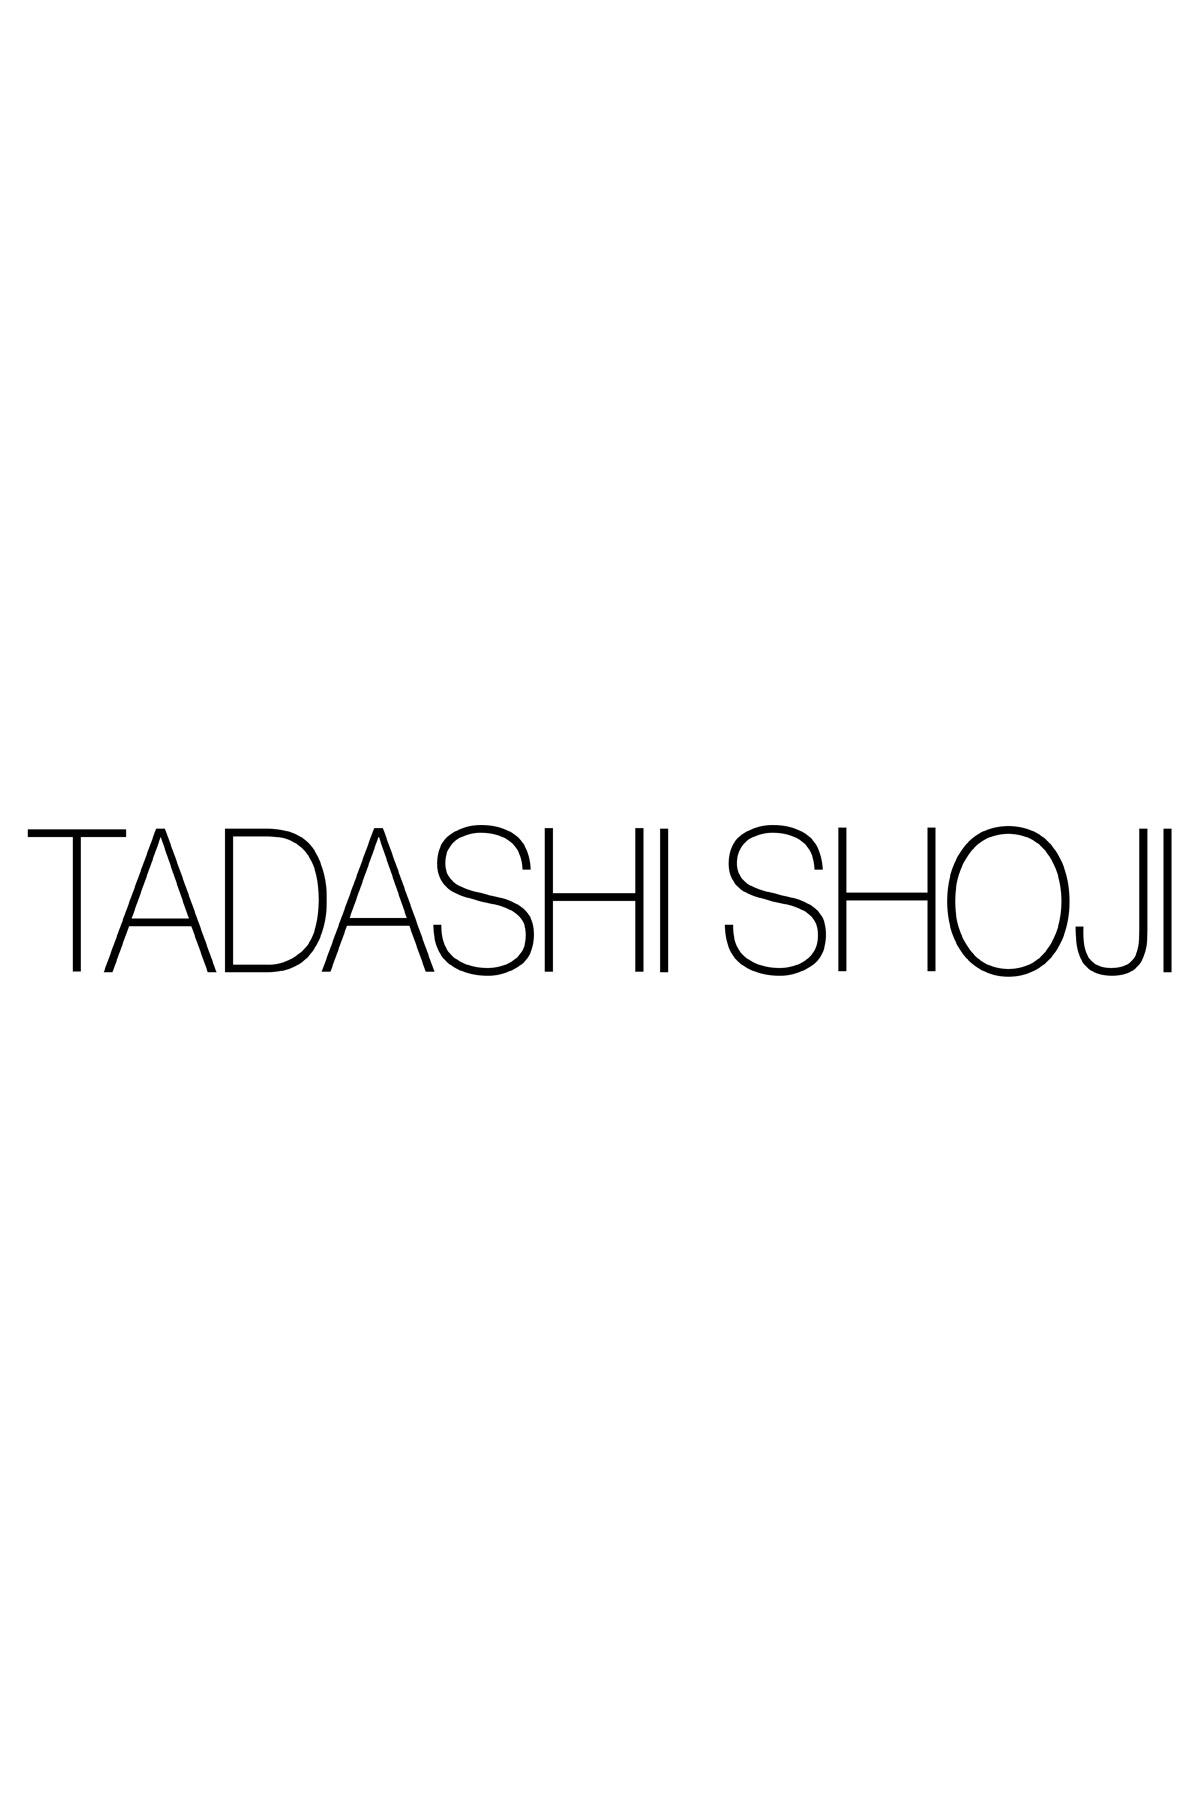 Tadashi Shoji - Fiore Gown